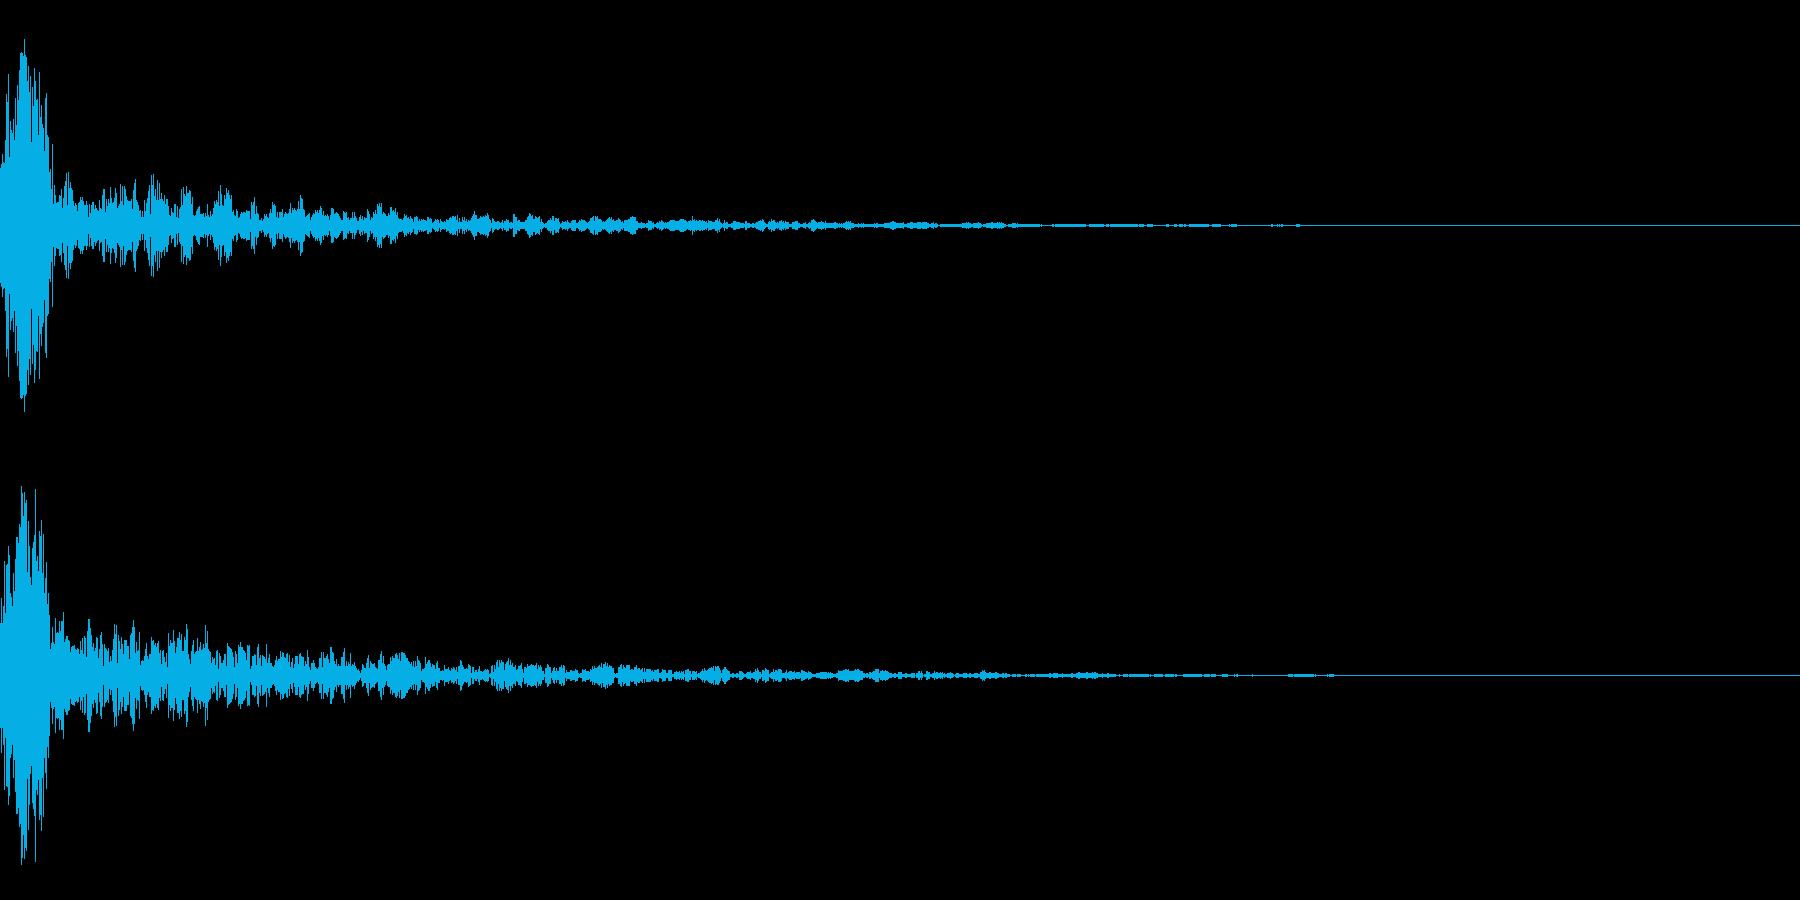 ドーン-14-1(インパクト音)の再生済みの波形